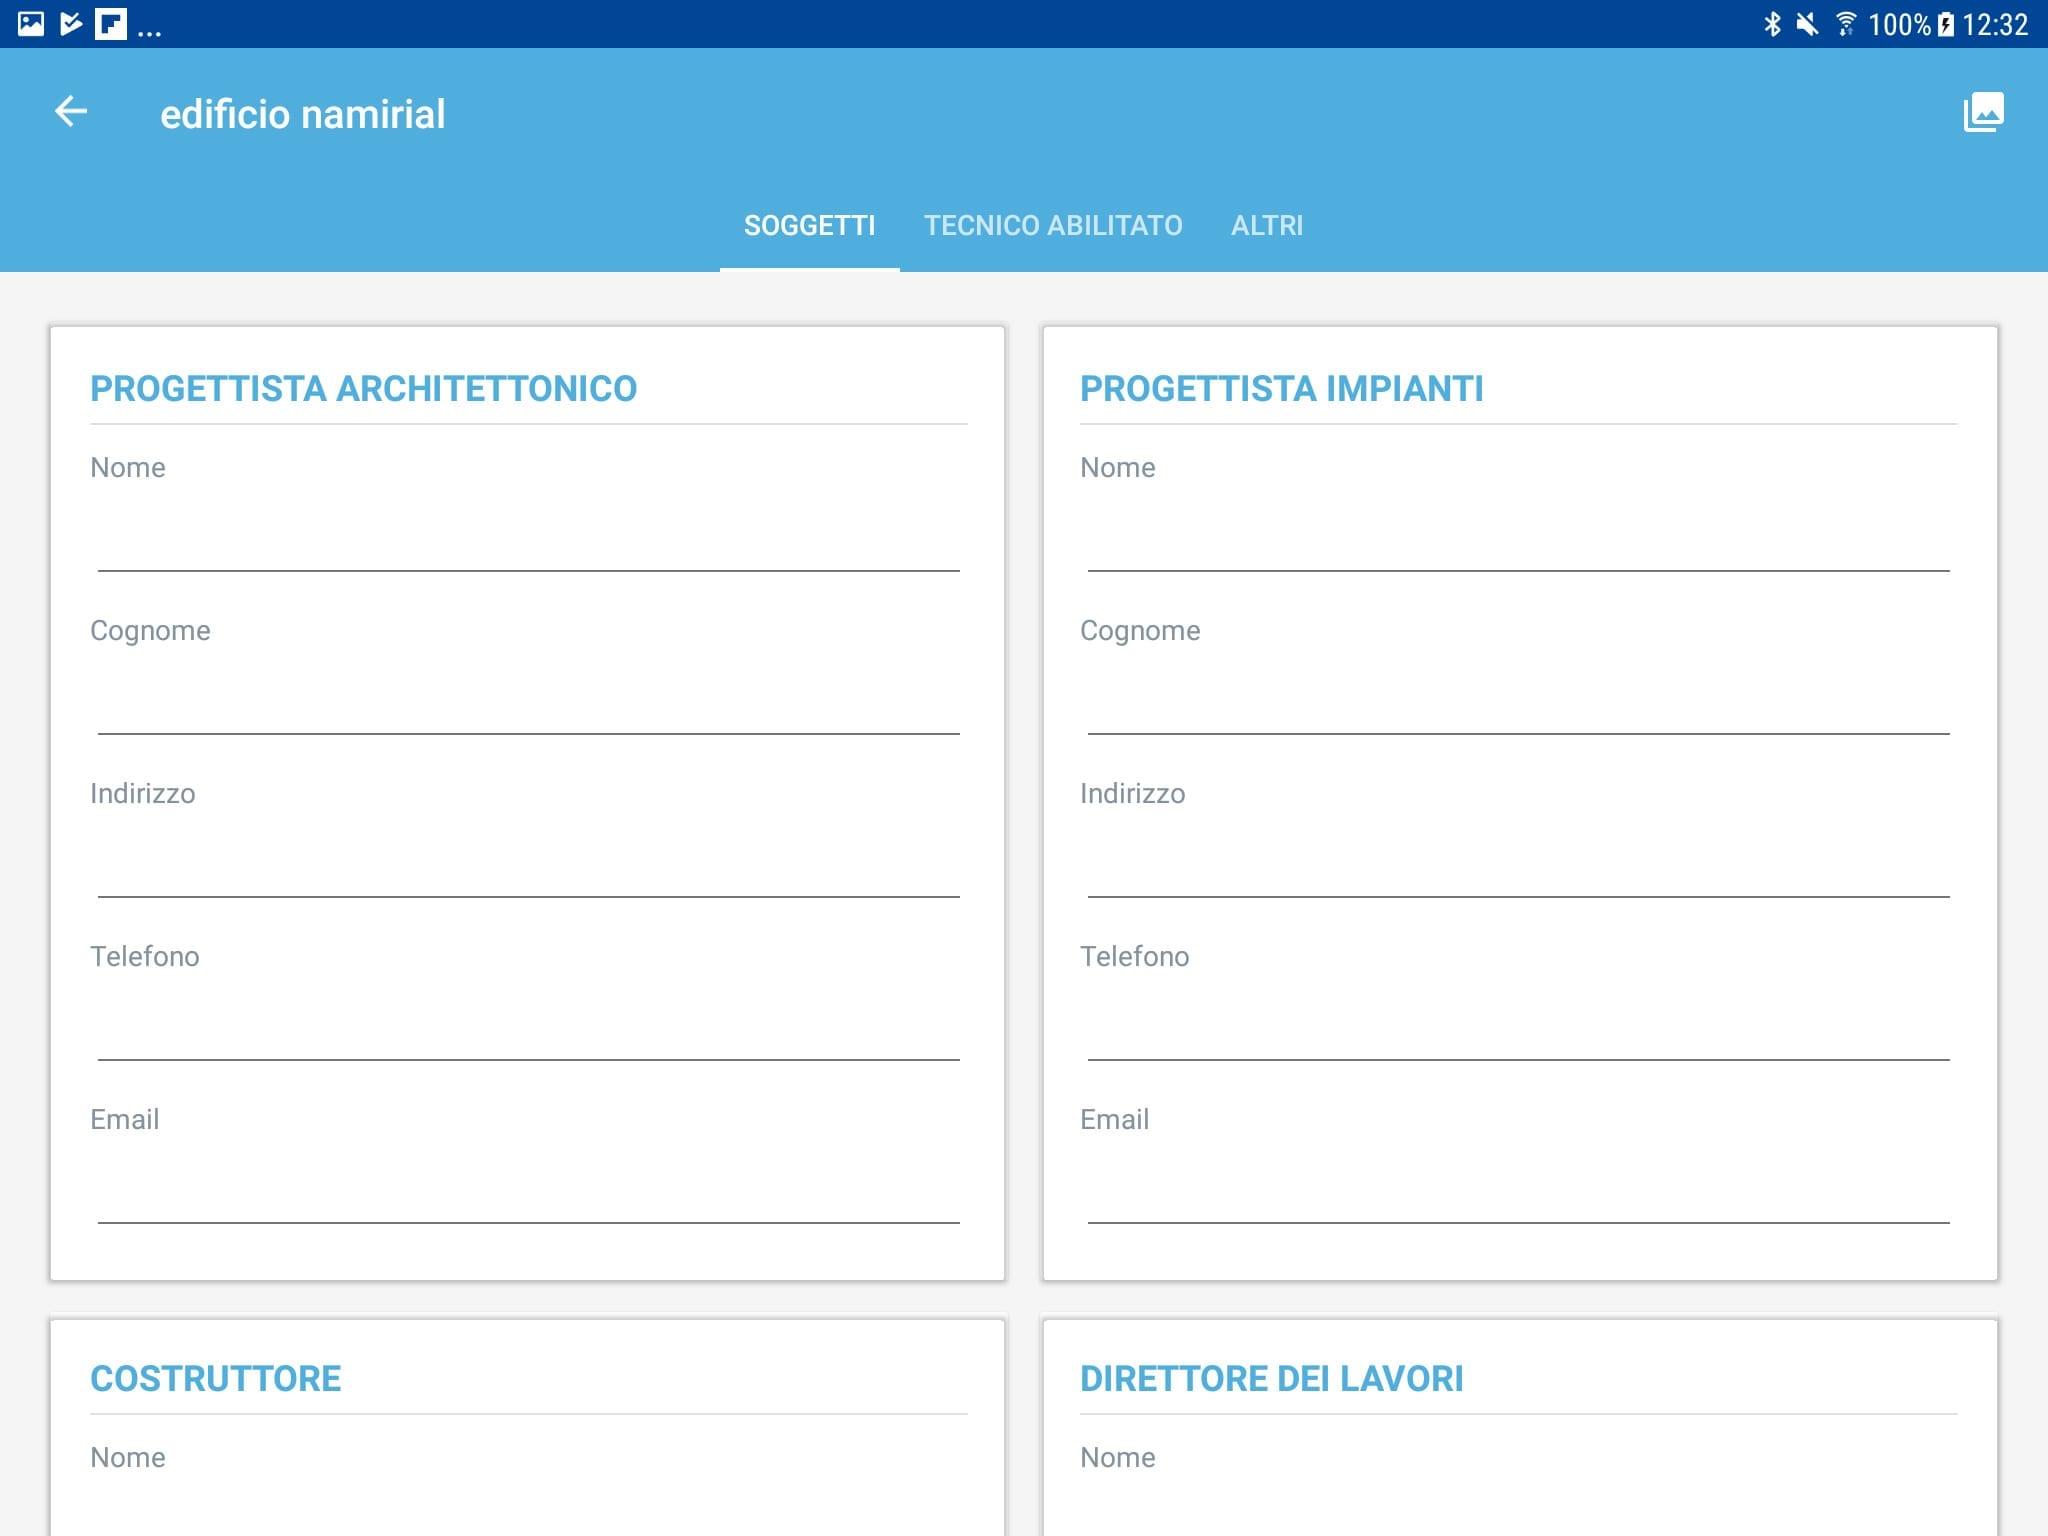 App Termo Android - Soggetti